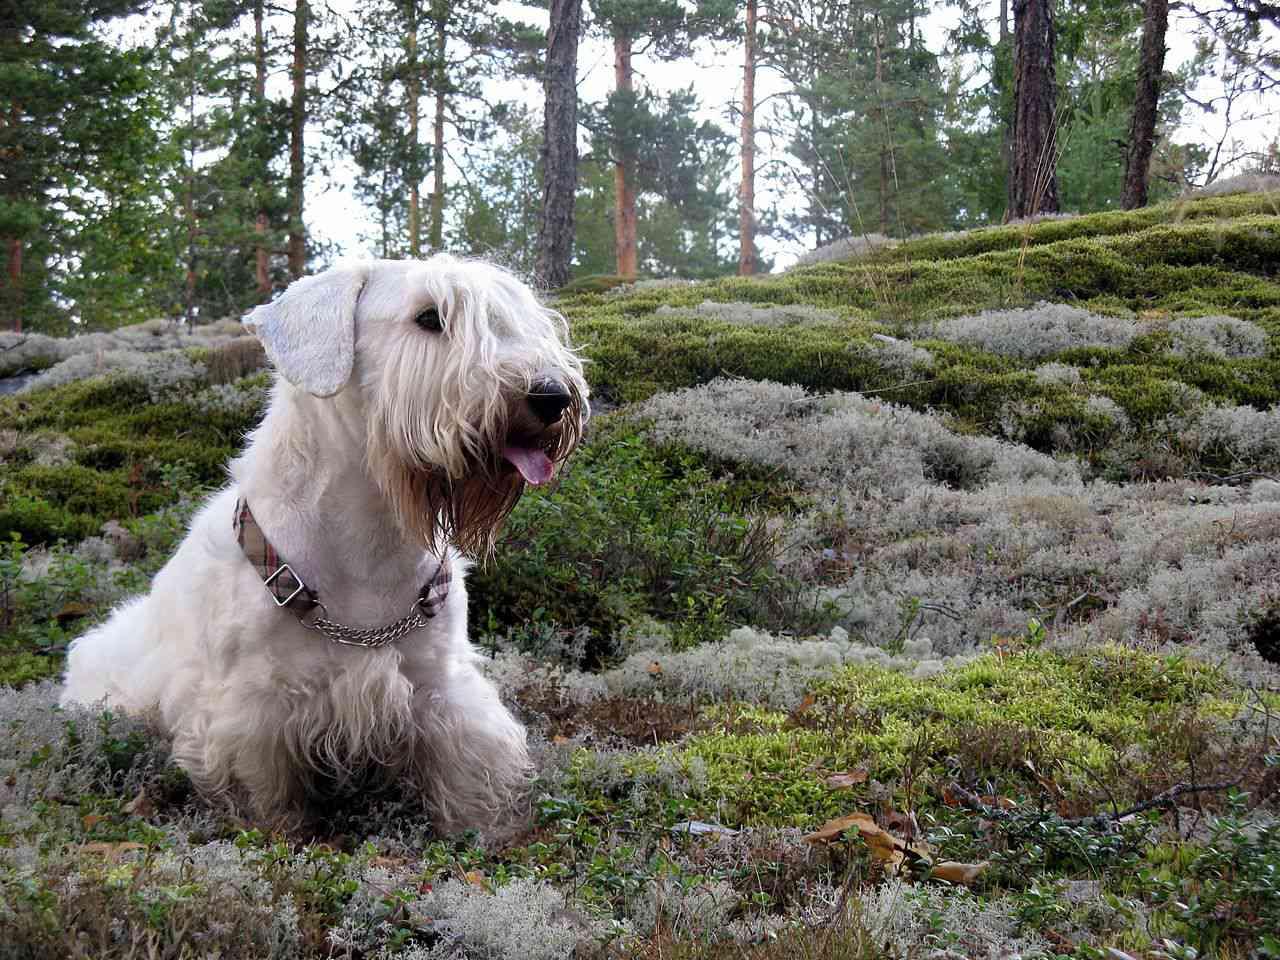 Sealyham Terrier in forest shrubs